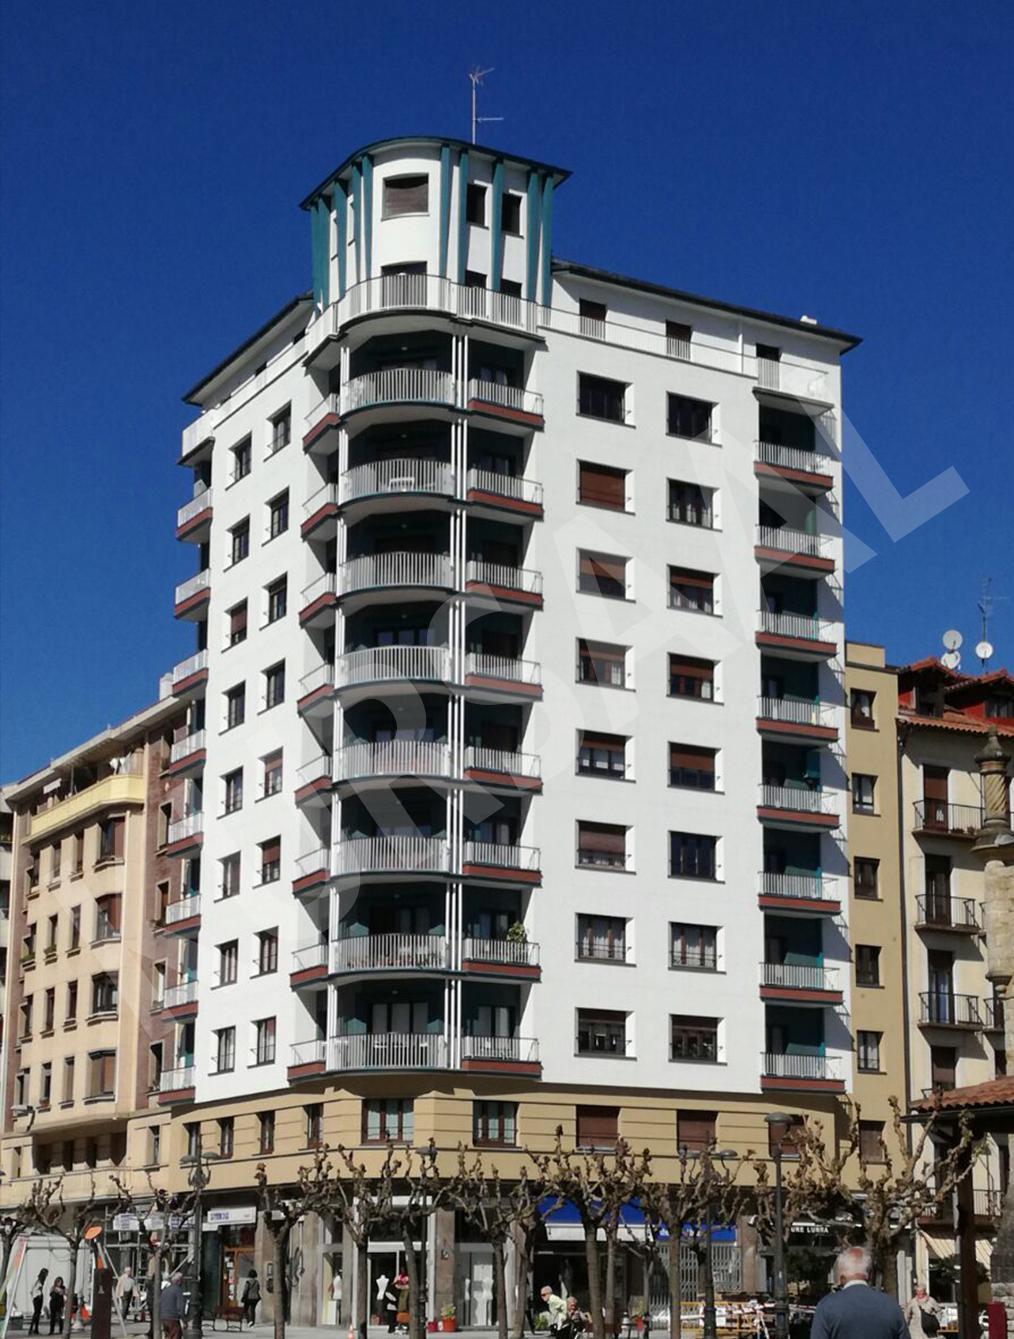 trabajo realizado en: Aislamientos Térmicos y Eficiencia Energética-SATE-PASAIA-Gure Zumardia 3